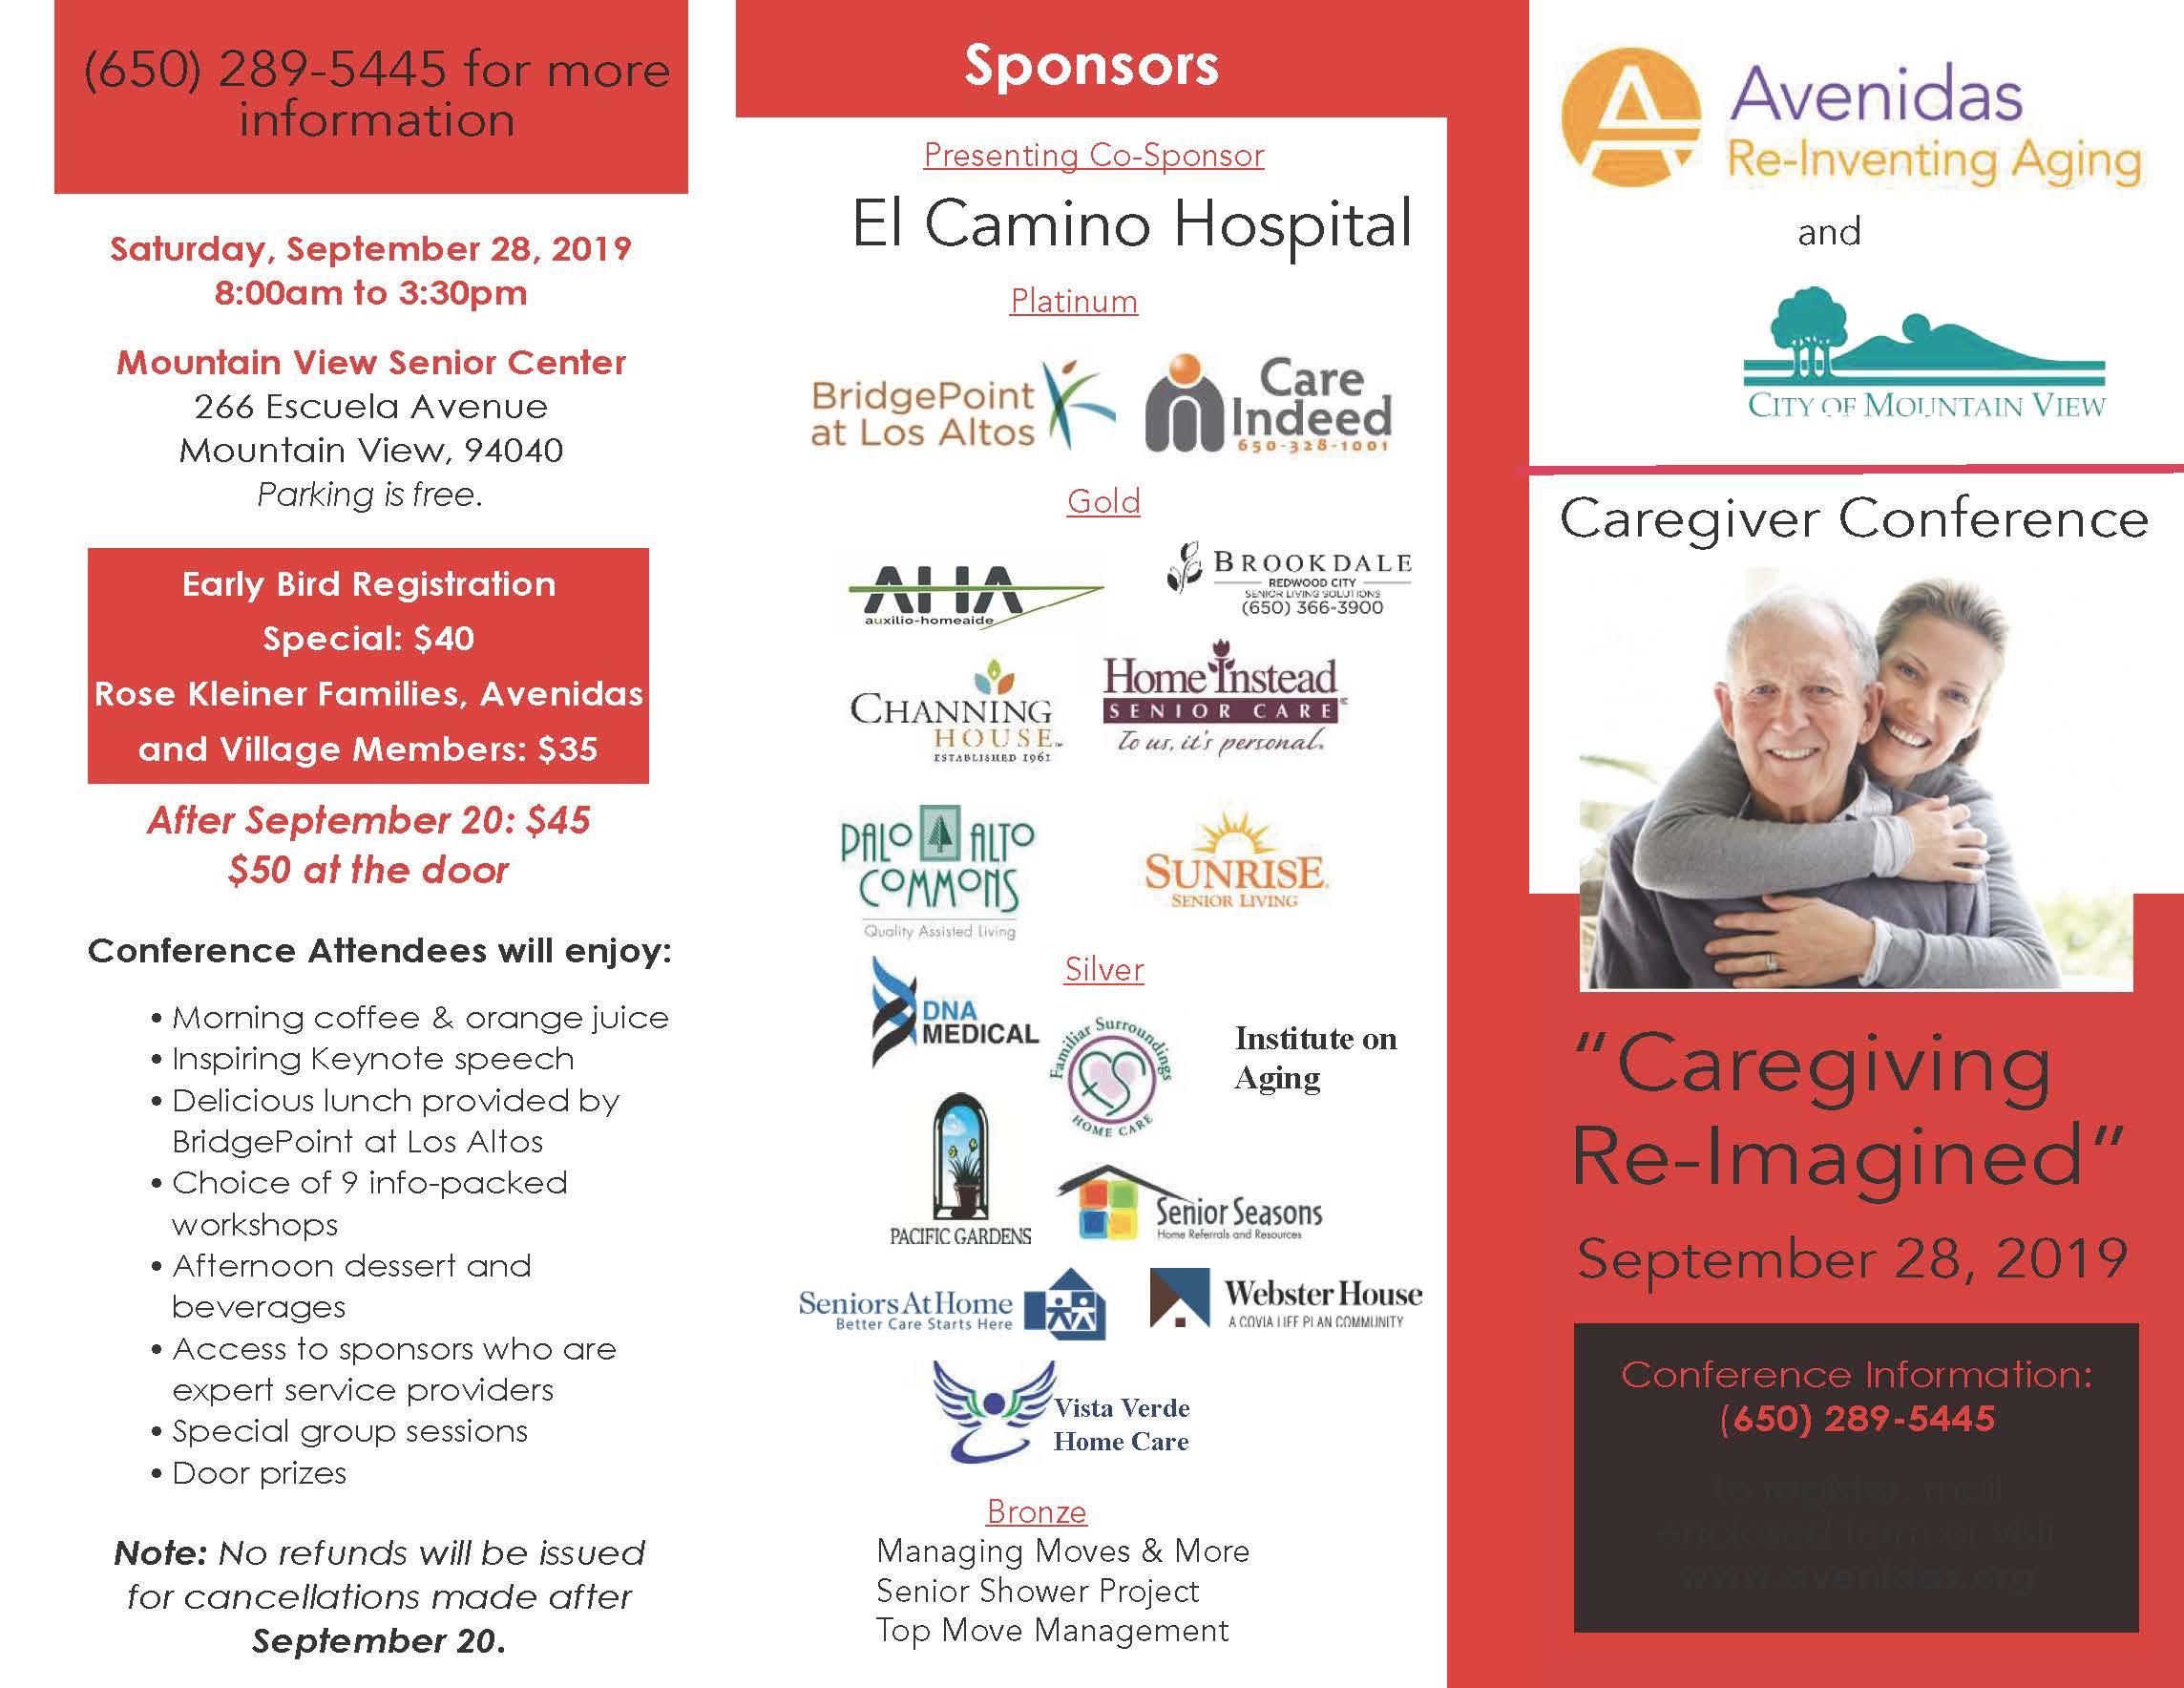 """Avenidas 2019 Caregiver Conference: """"Caregiving Re-Imagined"""""""